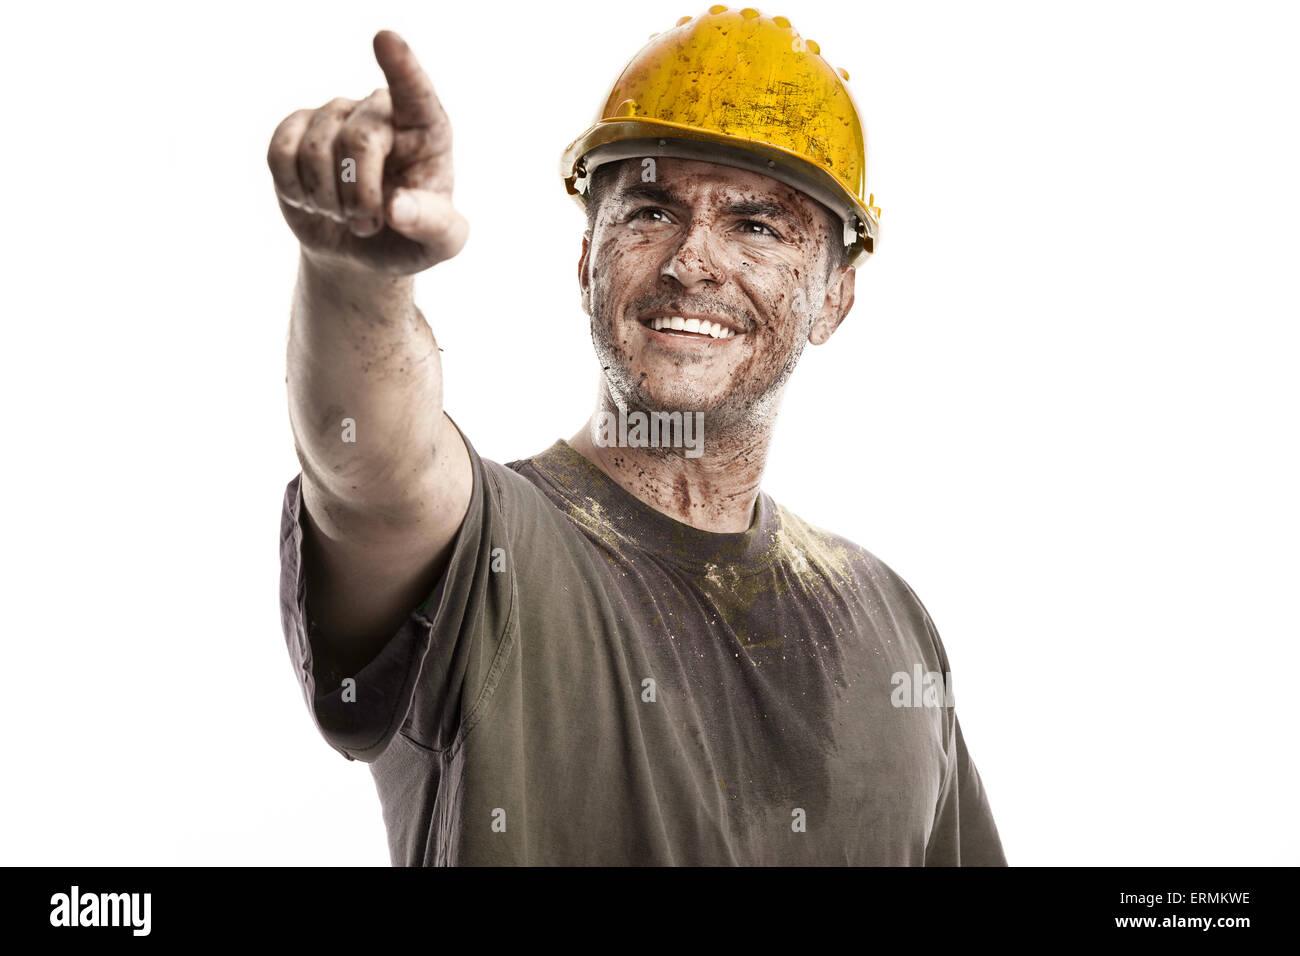 Puntando giovane lavoratore sporco uomo con elmetto casco isolati su sfondo bianco Immagini Stock